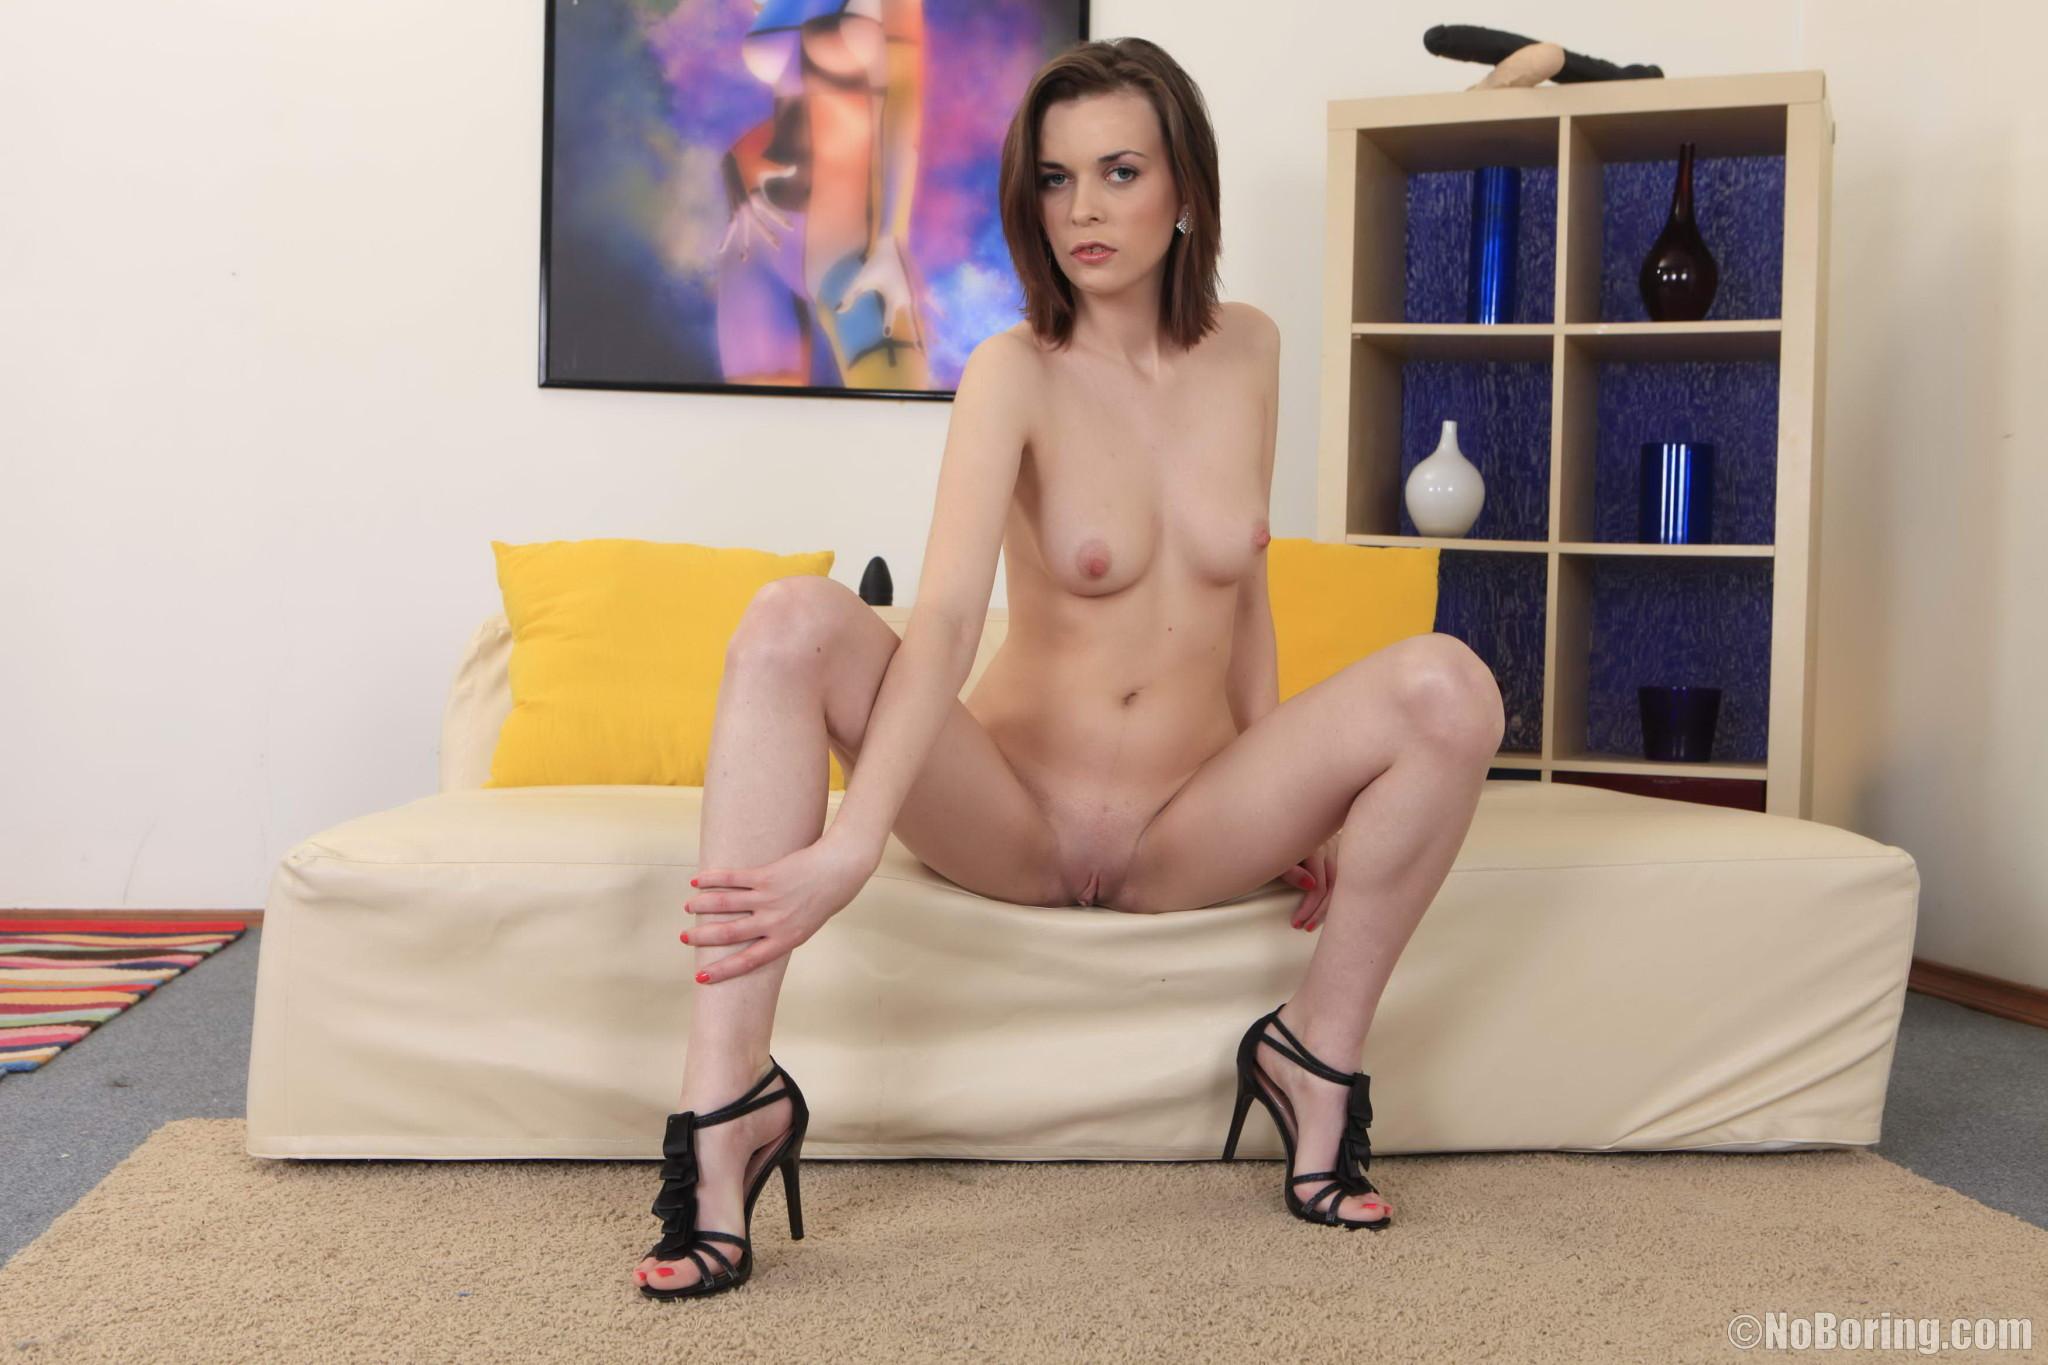 Лесбиянки  прикупив себе новенькие секс игрушки занимаются развратным трахом